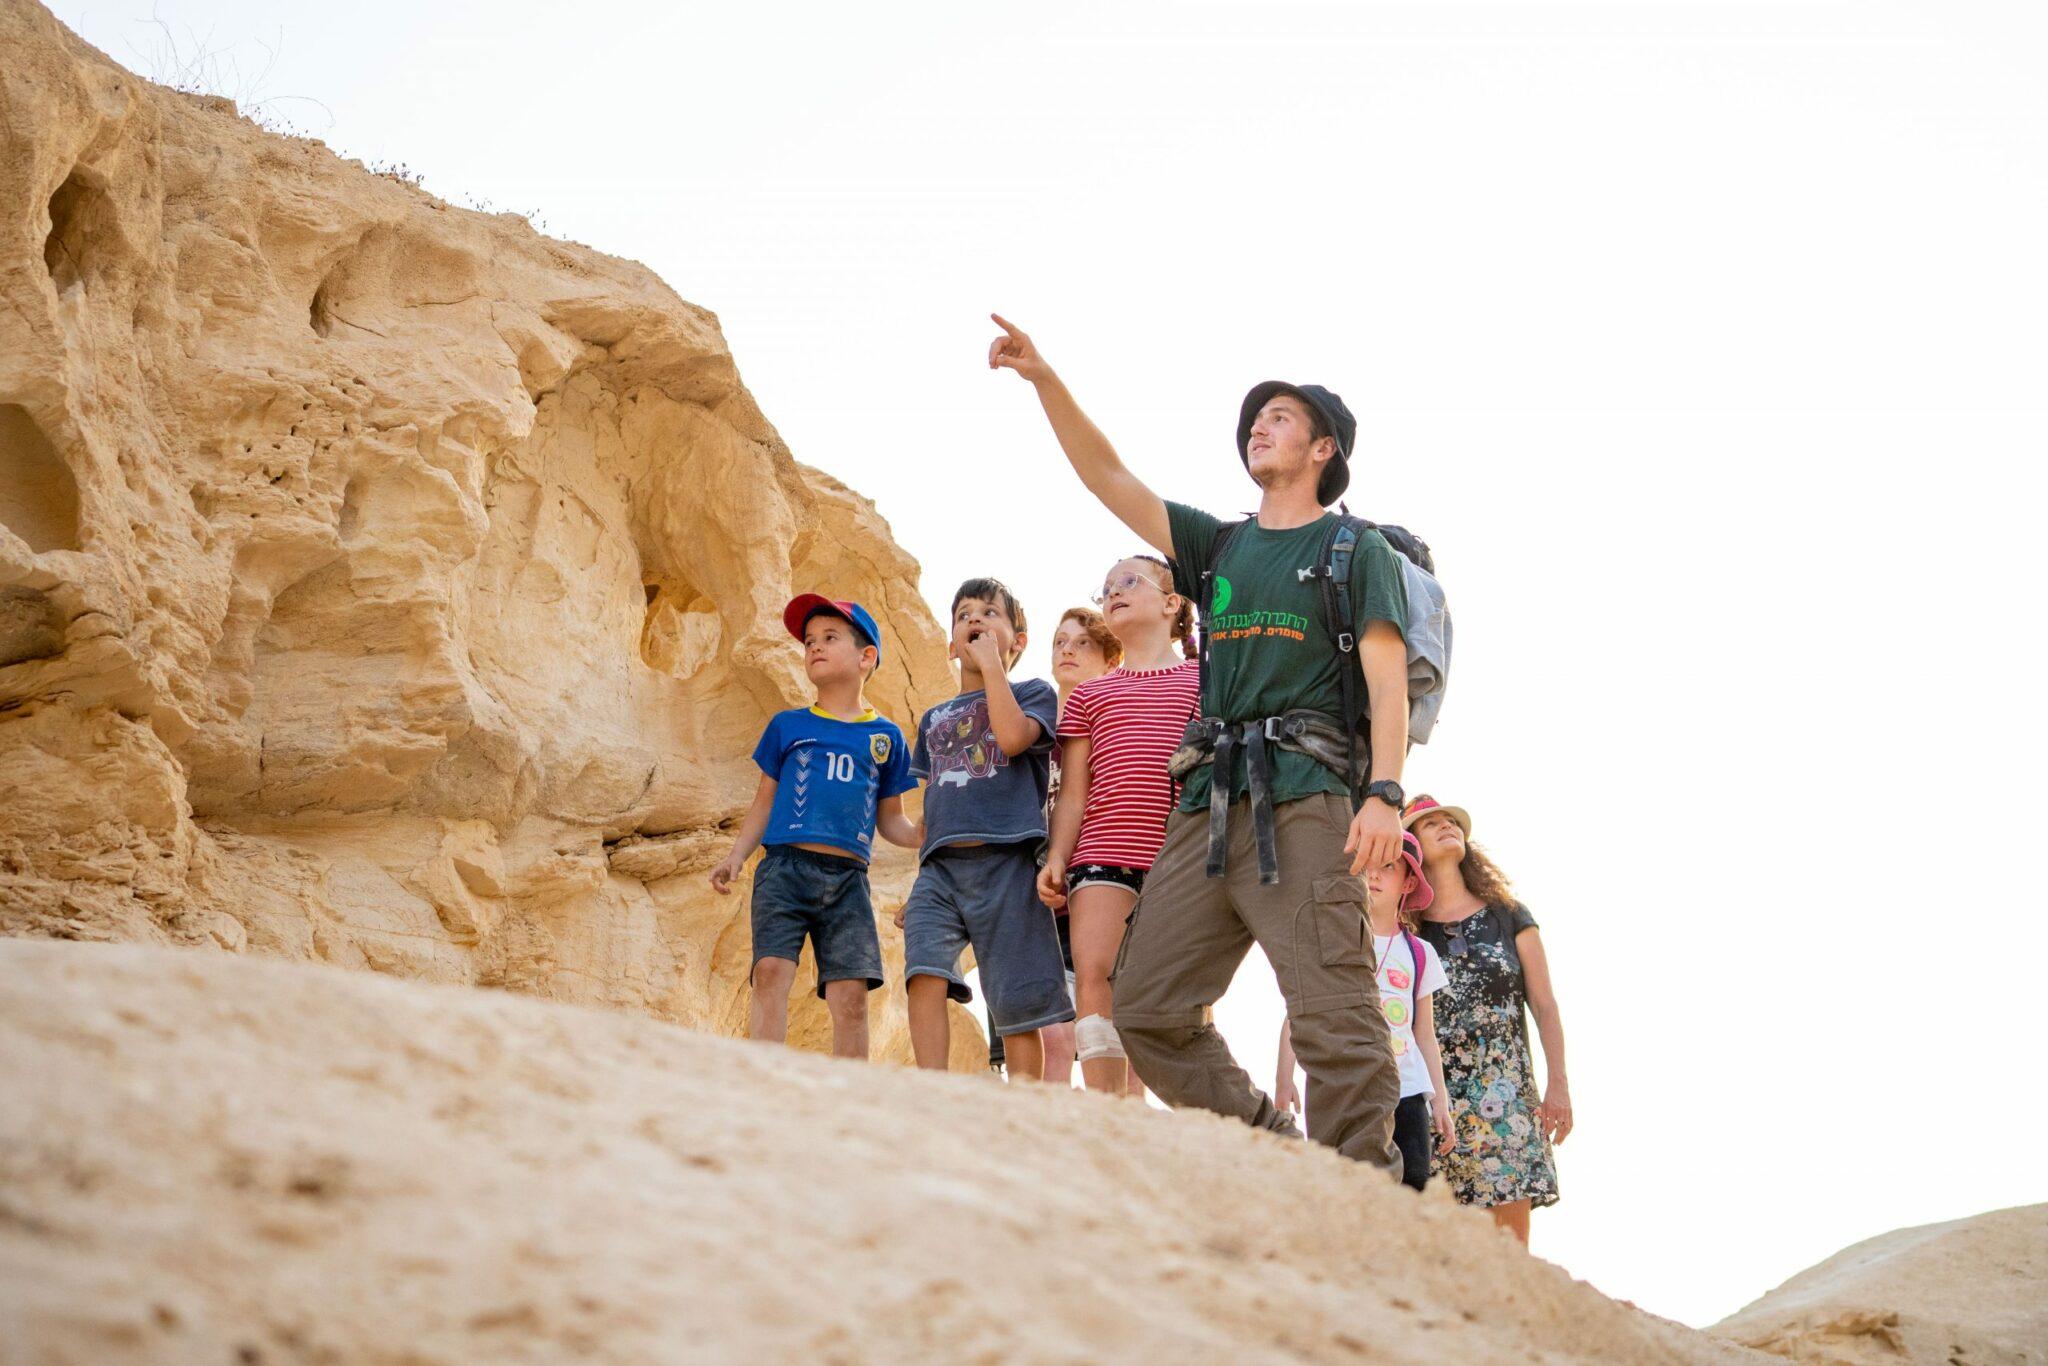 ילדים מטיילים בנחל חווארים